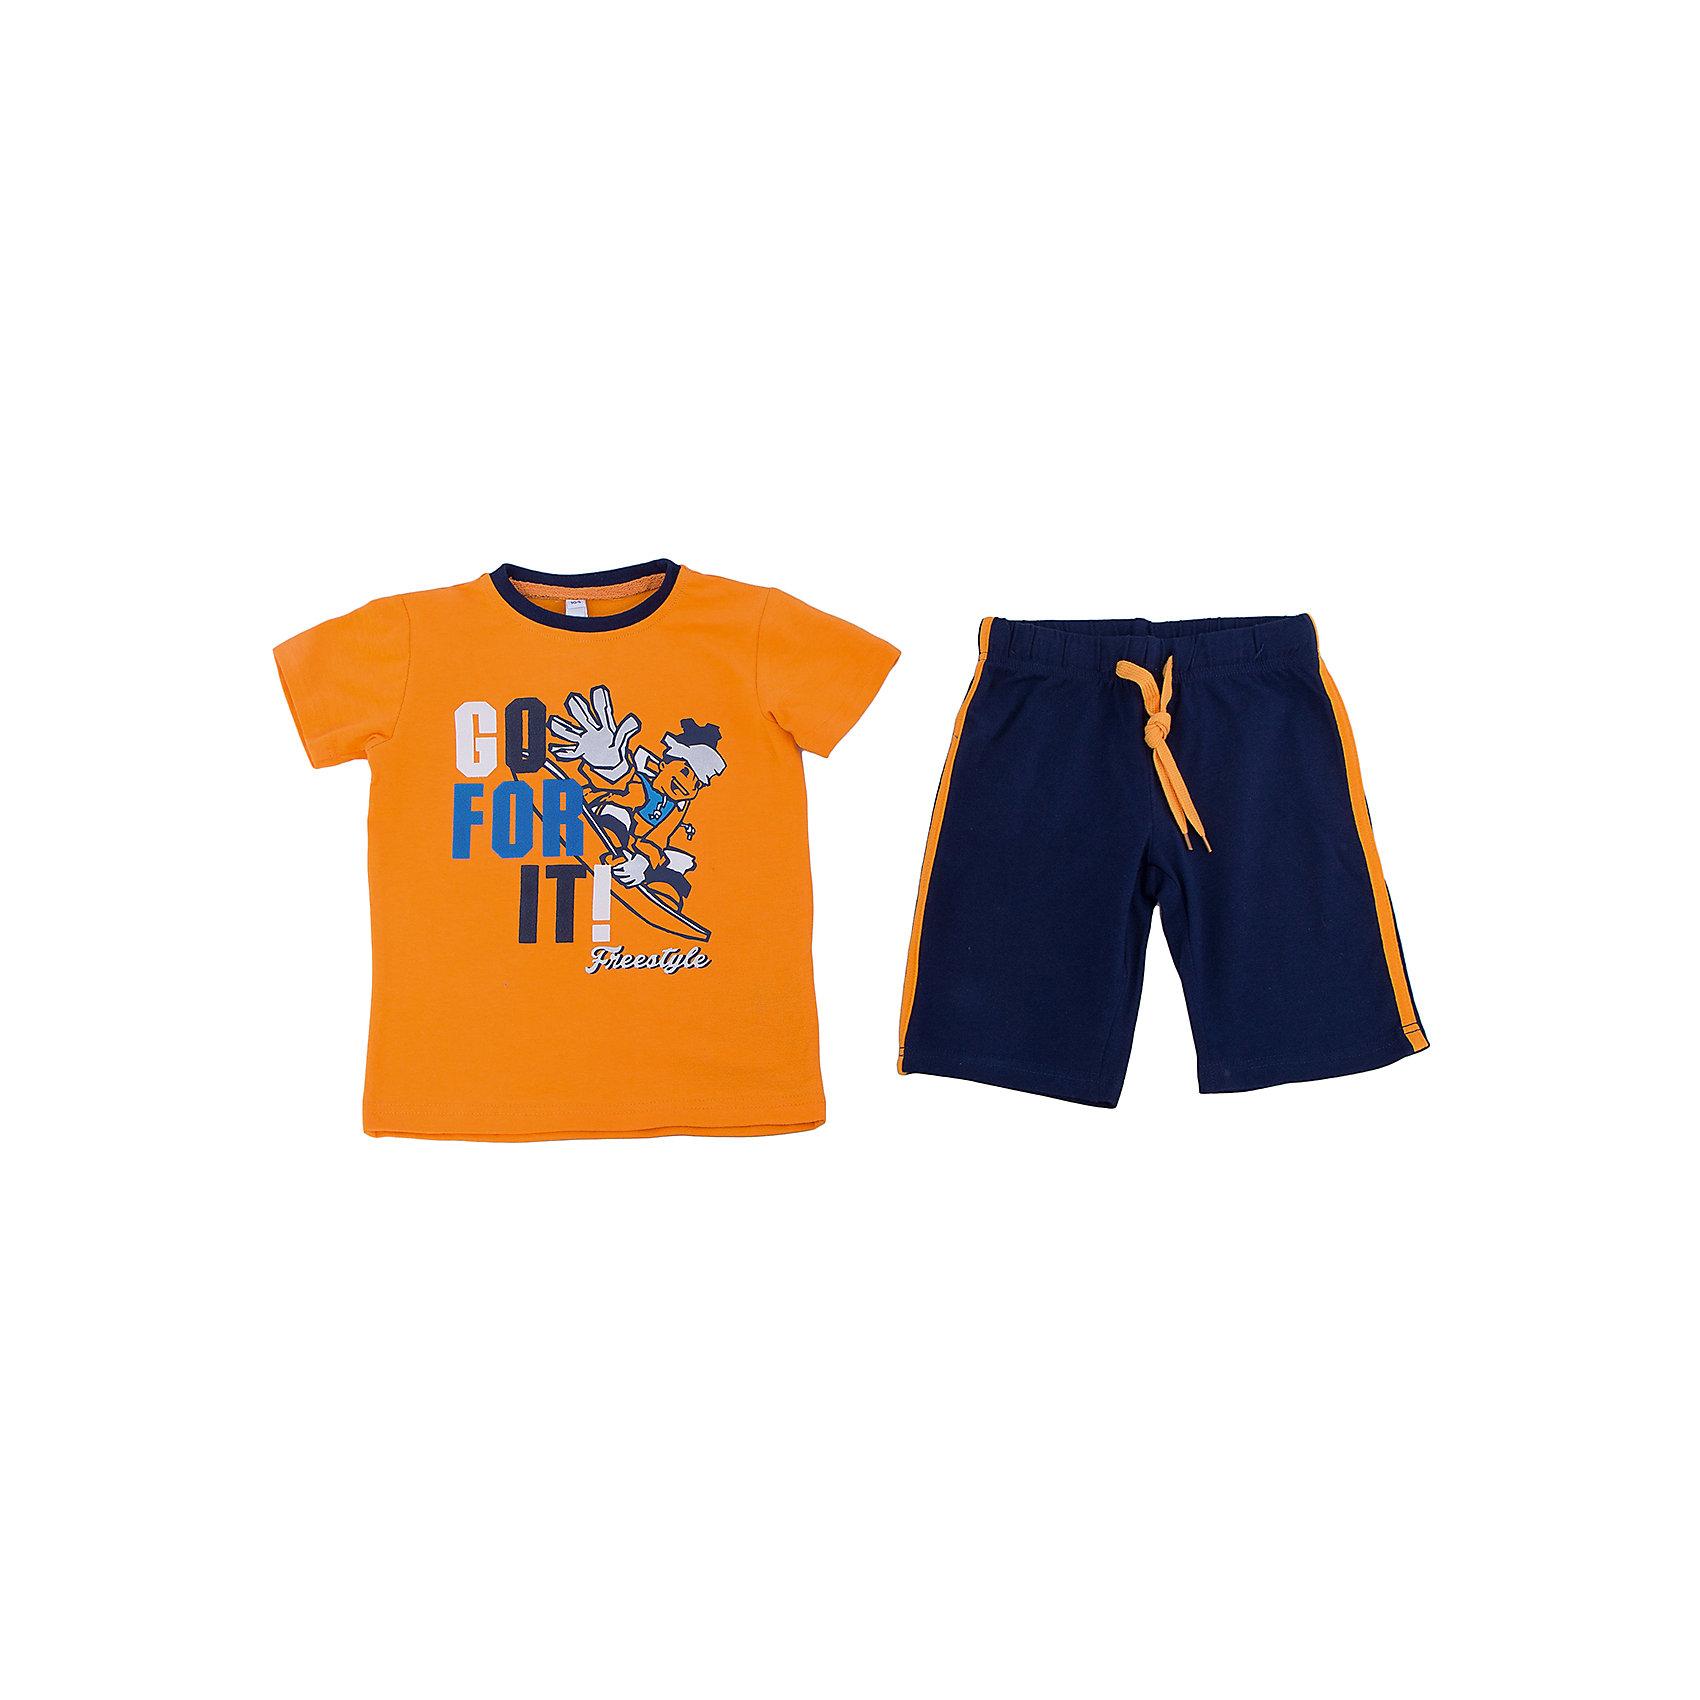 Комплект: футболка и шорты для мальчика PlayTodayКомплекты<br>Комплект: футболка и шорты для мальчика от известного бренда PlayToday.<br>Уютный хлопковый комплект из яркой футболки с короткими рукавами и шорт.<br>Футболка украшена комбинацией резинового, фольгированного и puff-принтов. На воротнике контрастная трикотажная резинка. <br>Пояс шорт на резинке, дополнительно регулируется яркой апельсиновой тесьмой. По бокам лампасы в тон футболке.<br>Состав:<br>95% хлопок, 5% эластан<br><br>Ширина мм: 191<br>Глубина мм: 10<br>Высота мм: 175<br>Вес г: 273<br>Цвет: белый<br>Возраст от месяцев: 48<br>Возраст до месяцев: 60<br>Пол: Мужской<br>Возраст: Детский<br>Размер: 110,122,104,116,128,98<br>SKU: 4897863